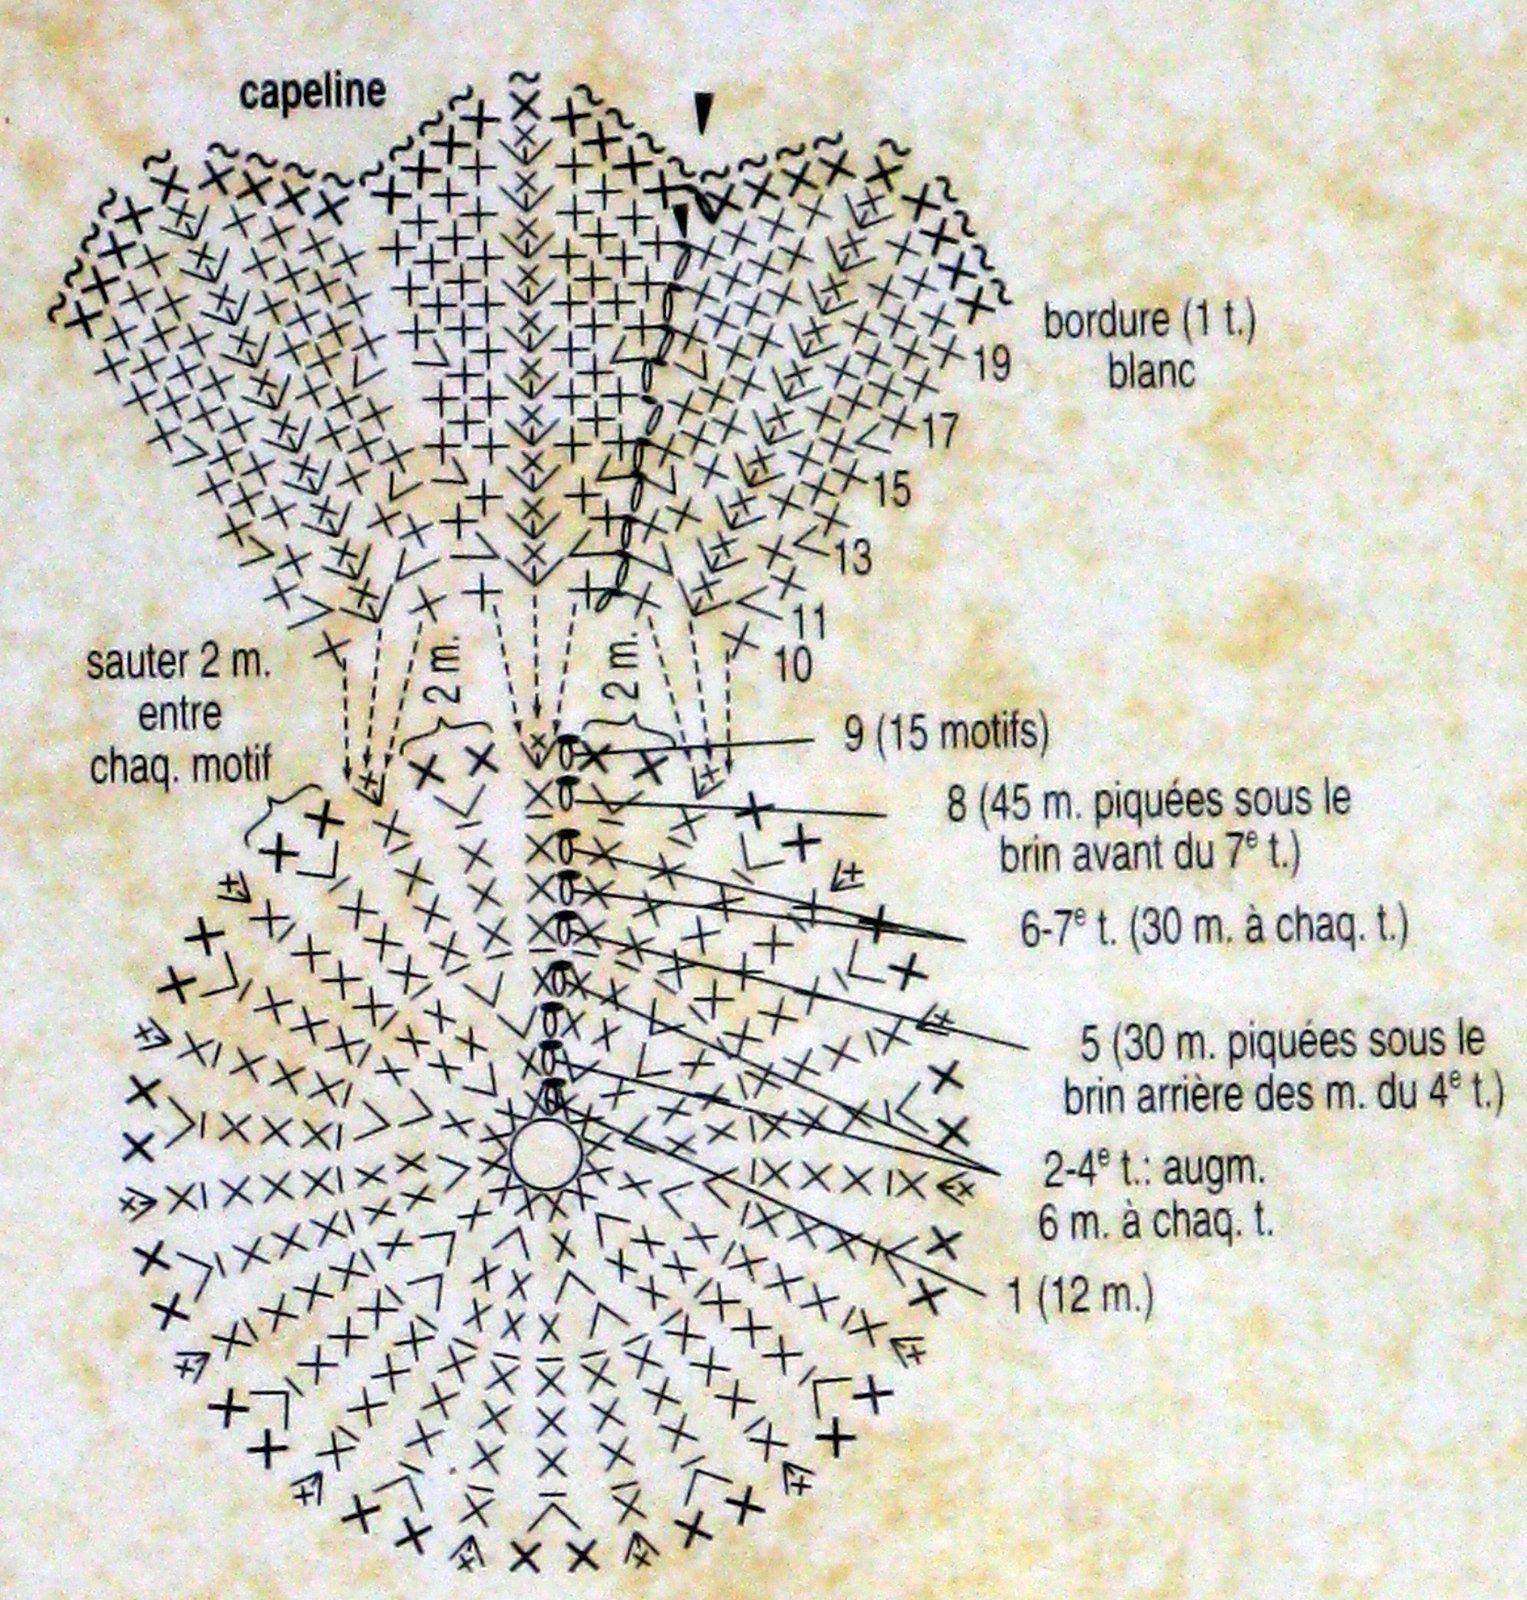 diagramme capeline